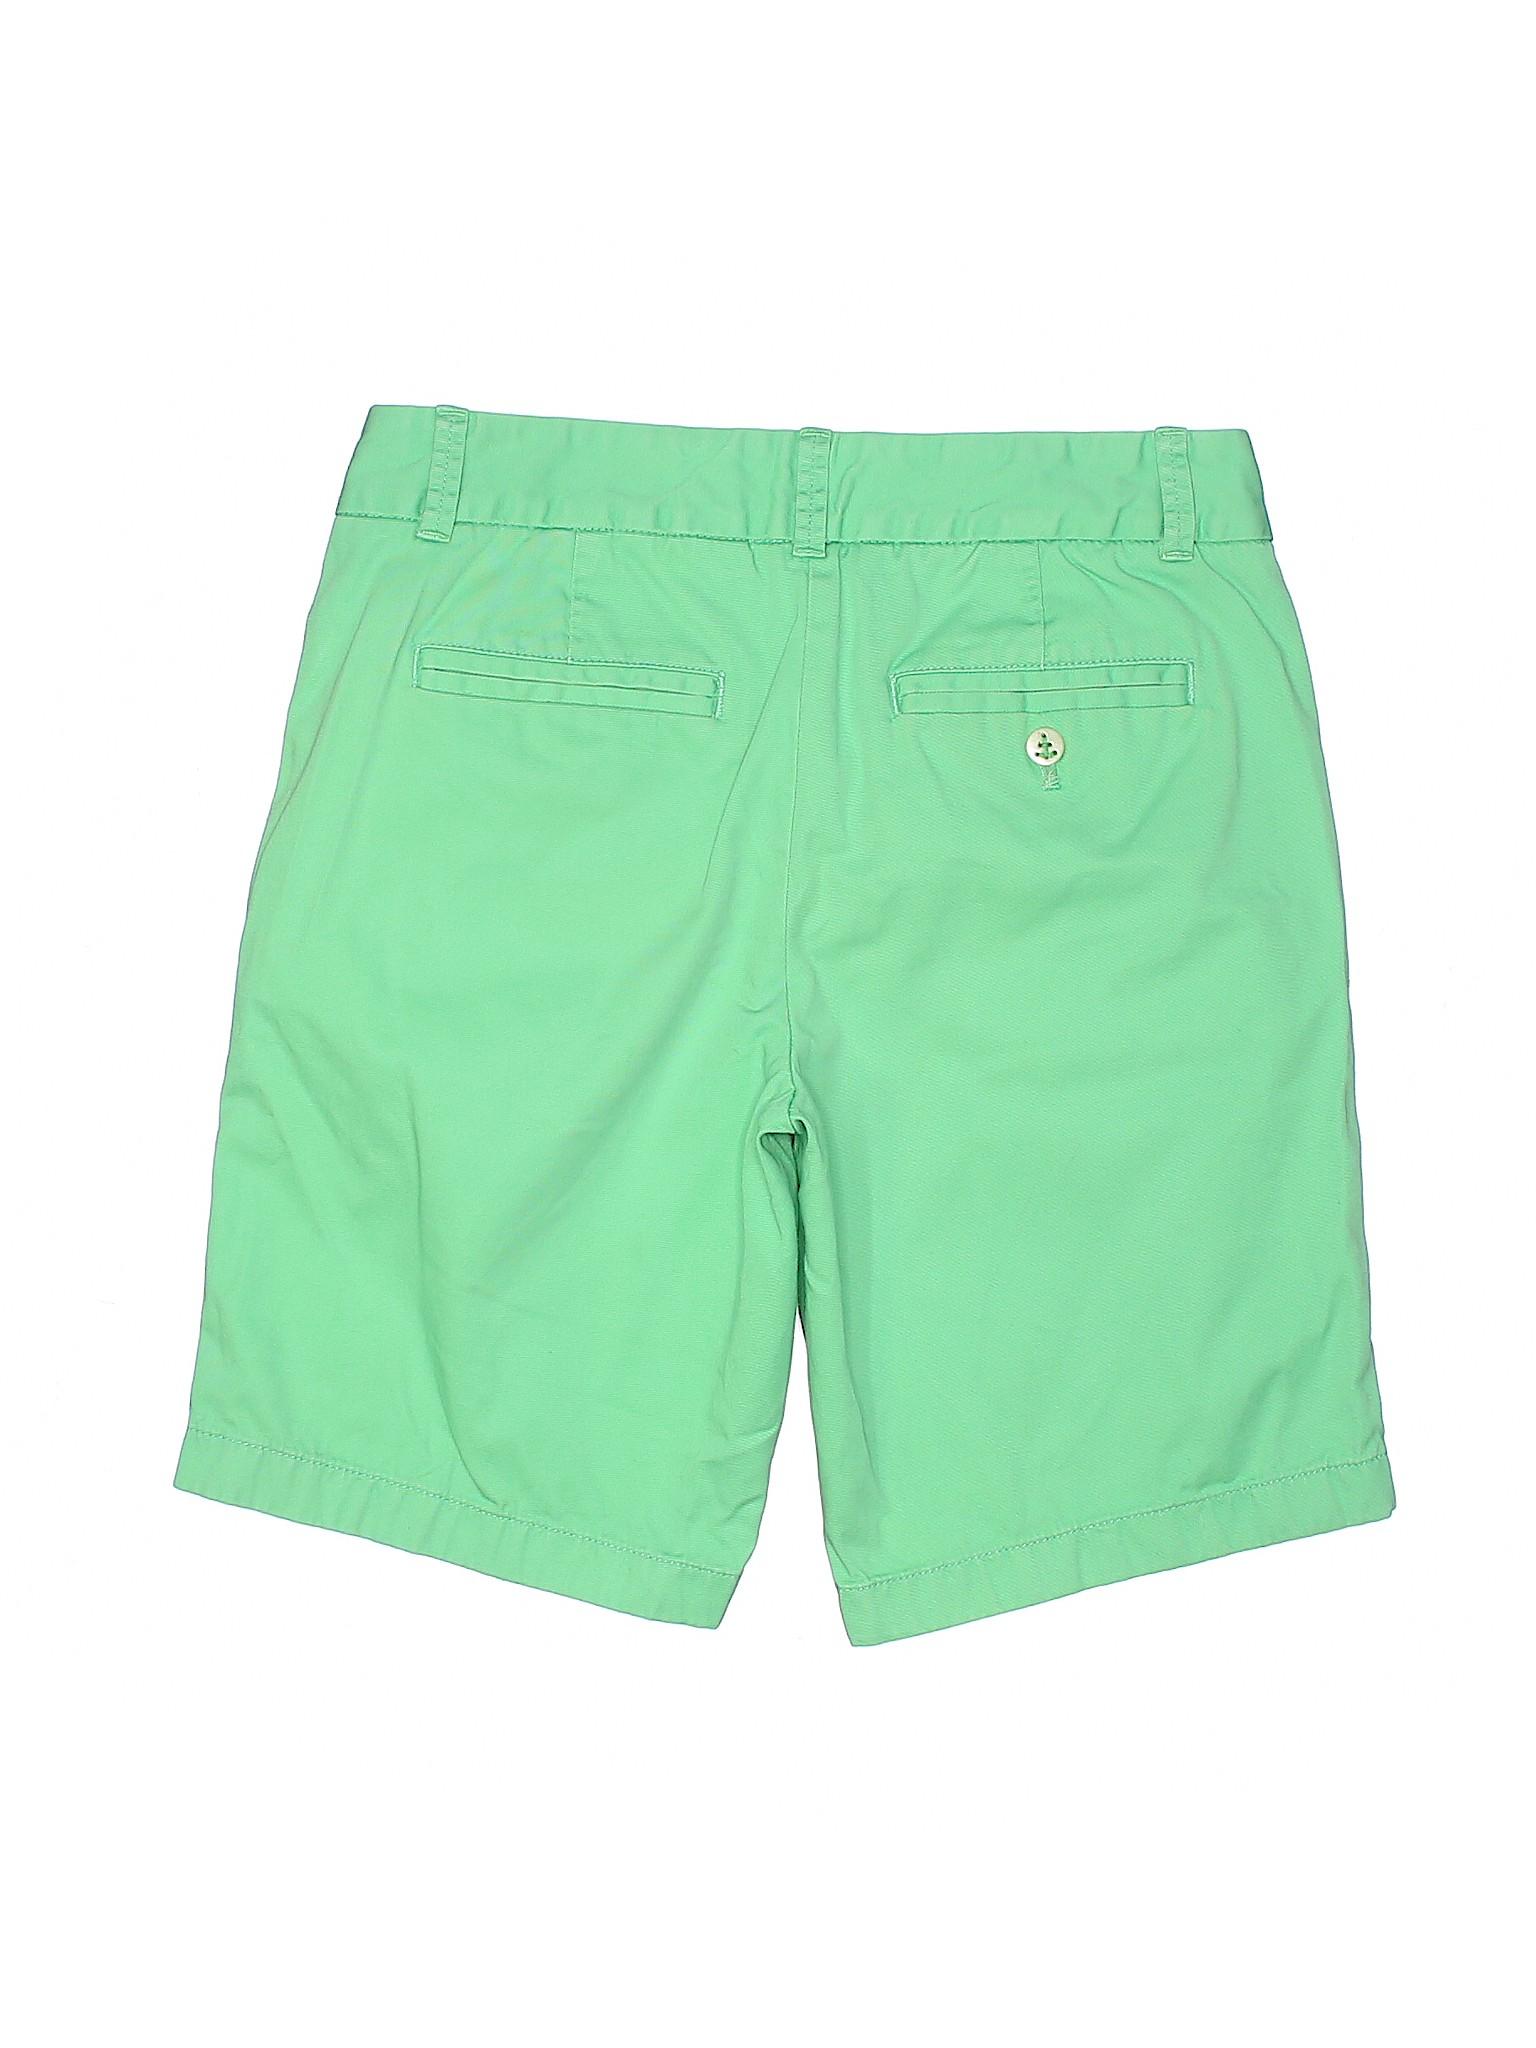 Khaki Crew J leisure Shorts Boutique wqat1E